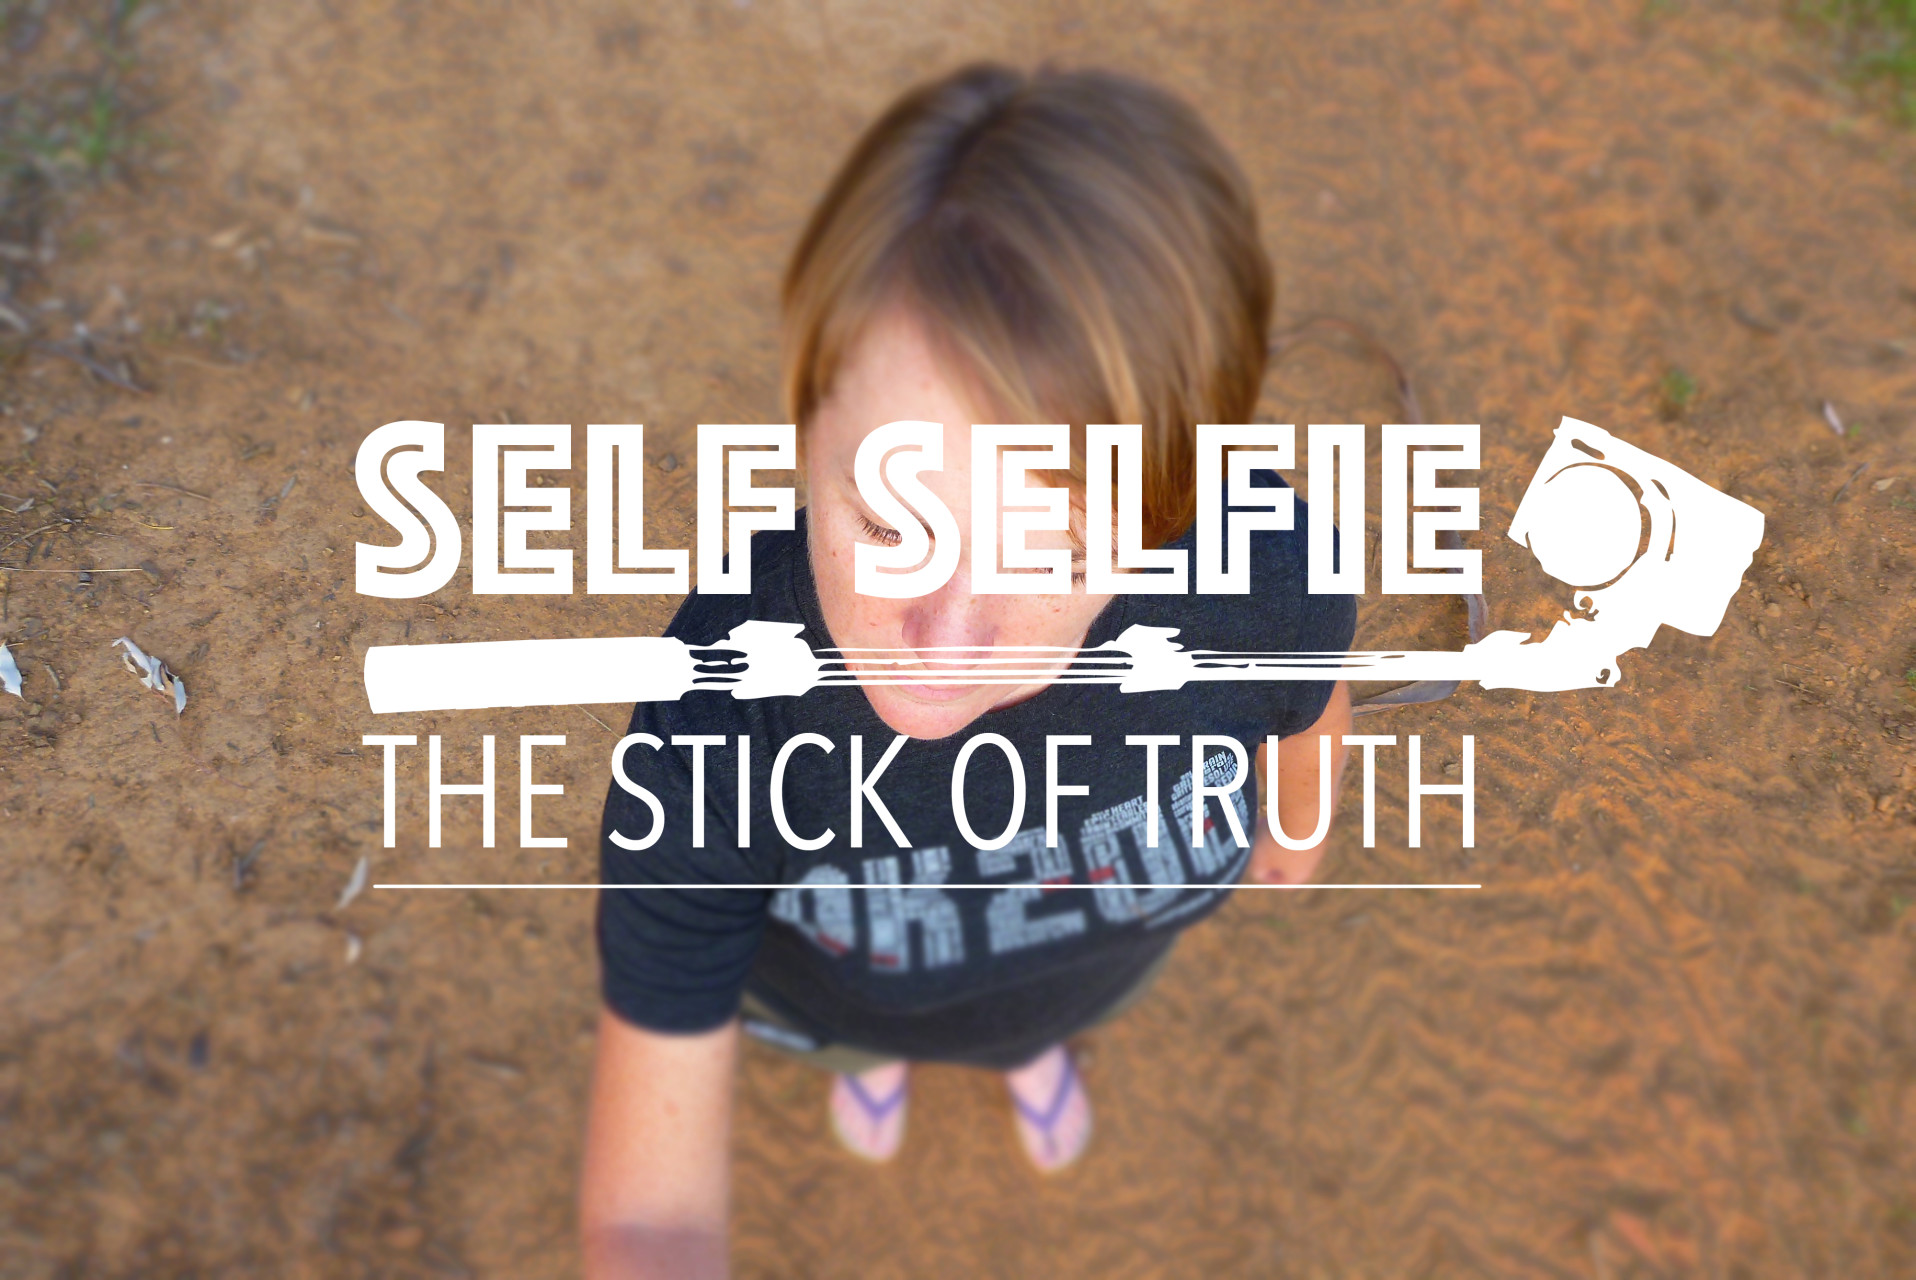 Self Selfies